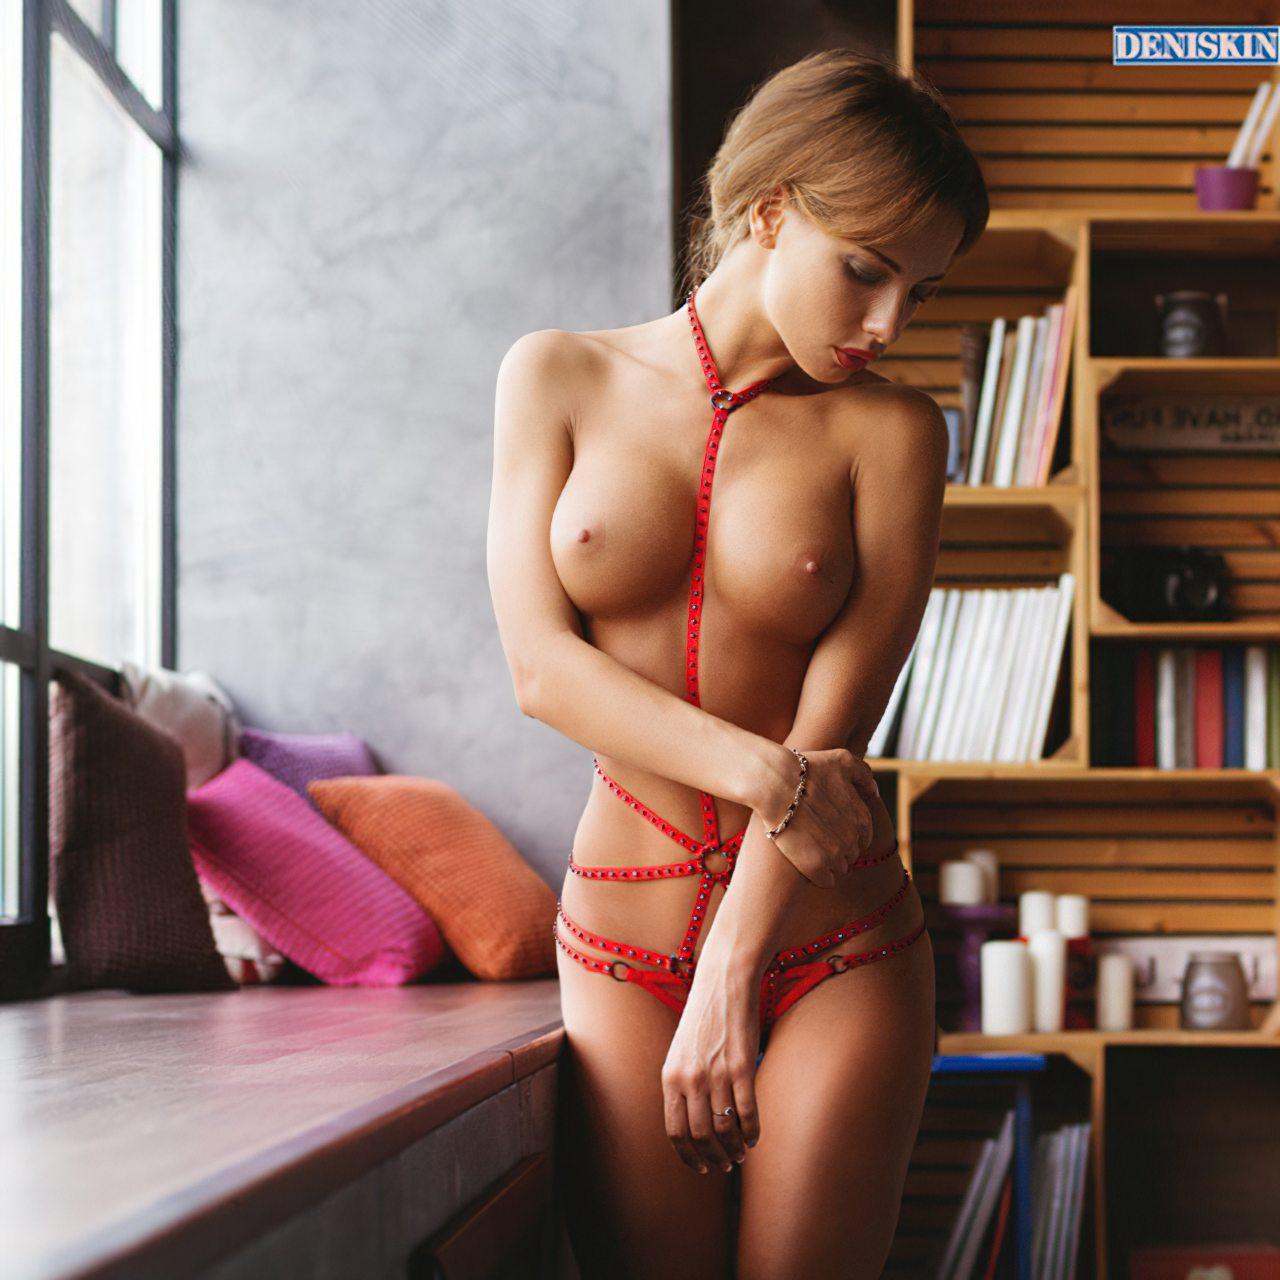 Mulheres Nuas Gostosas (30)